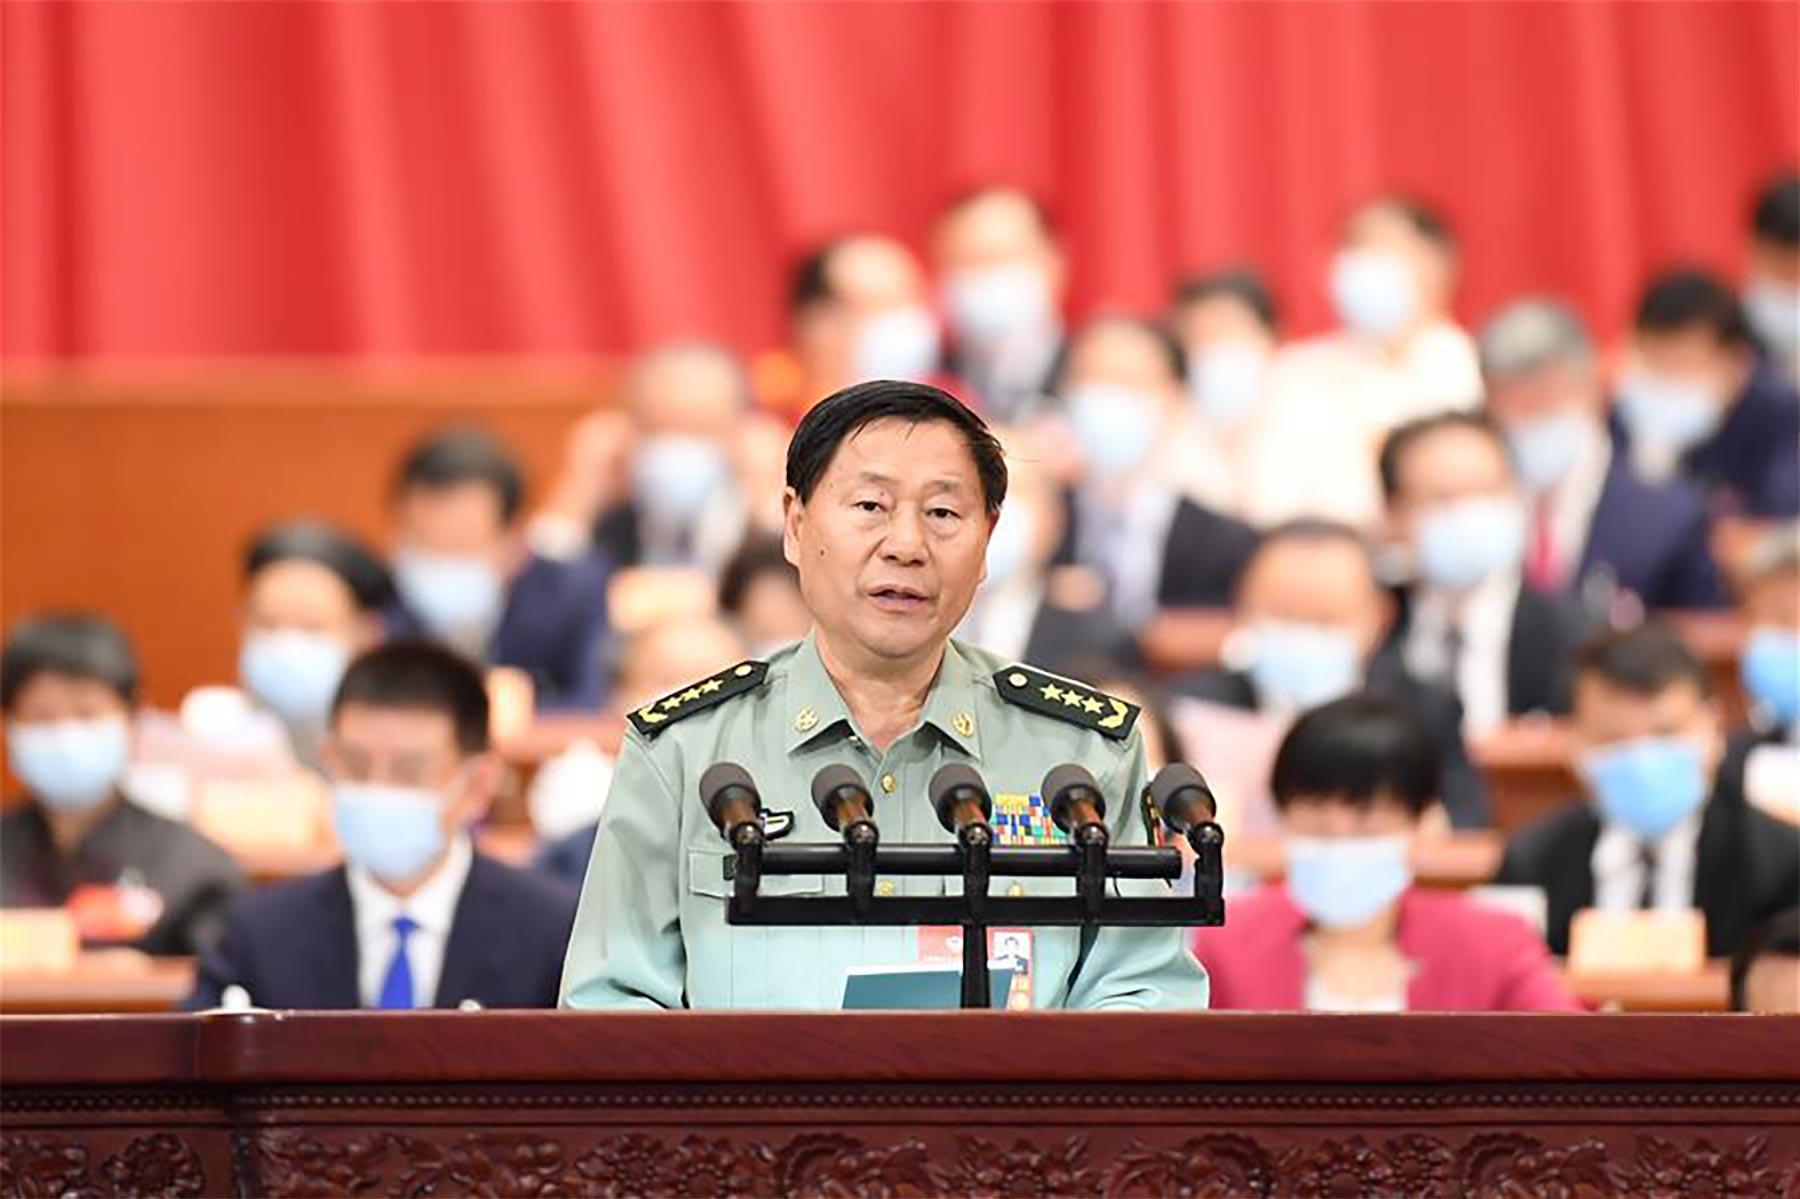 戚建国委员作大会发言。新华社记者 刘彬 摄